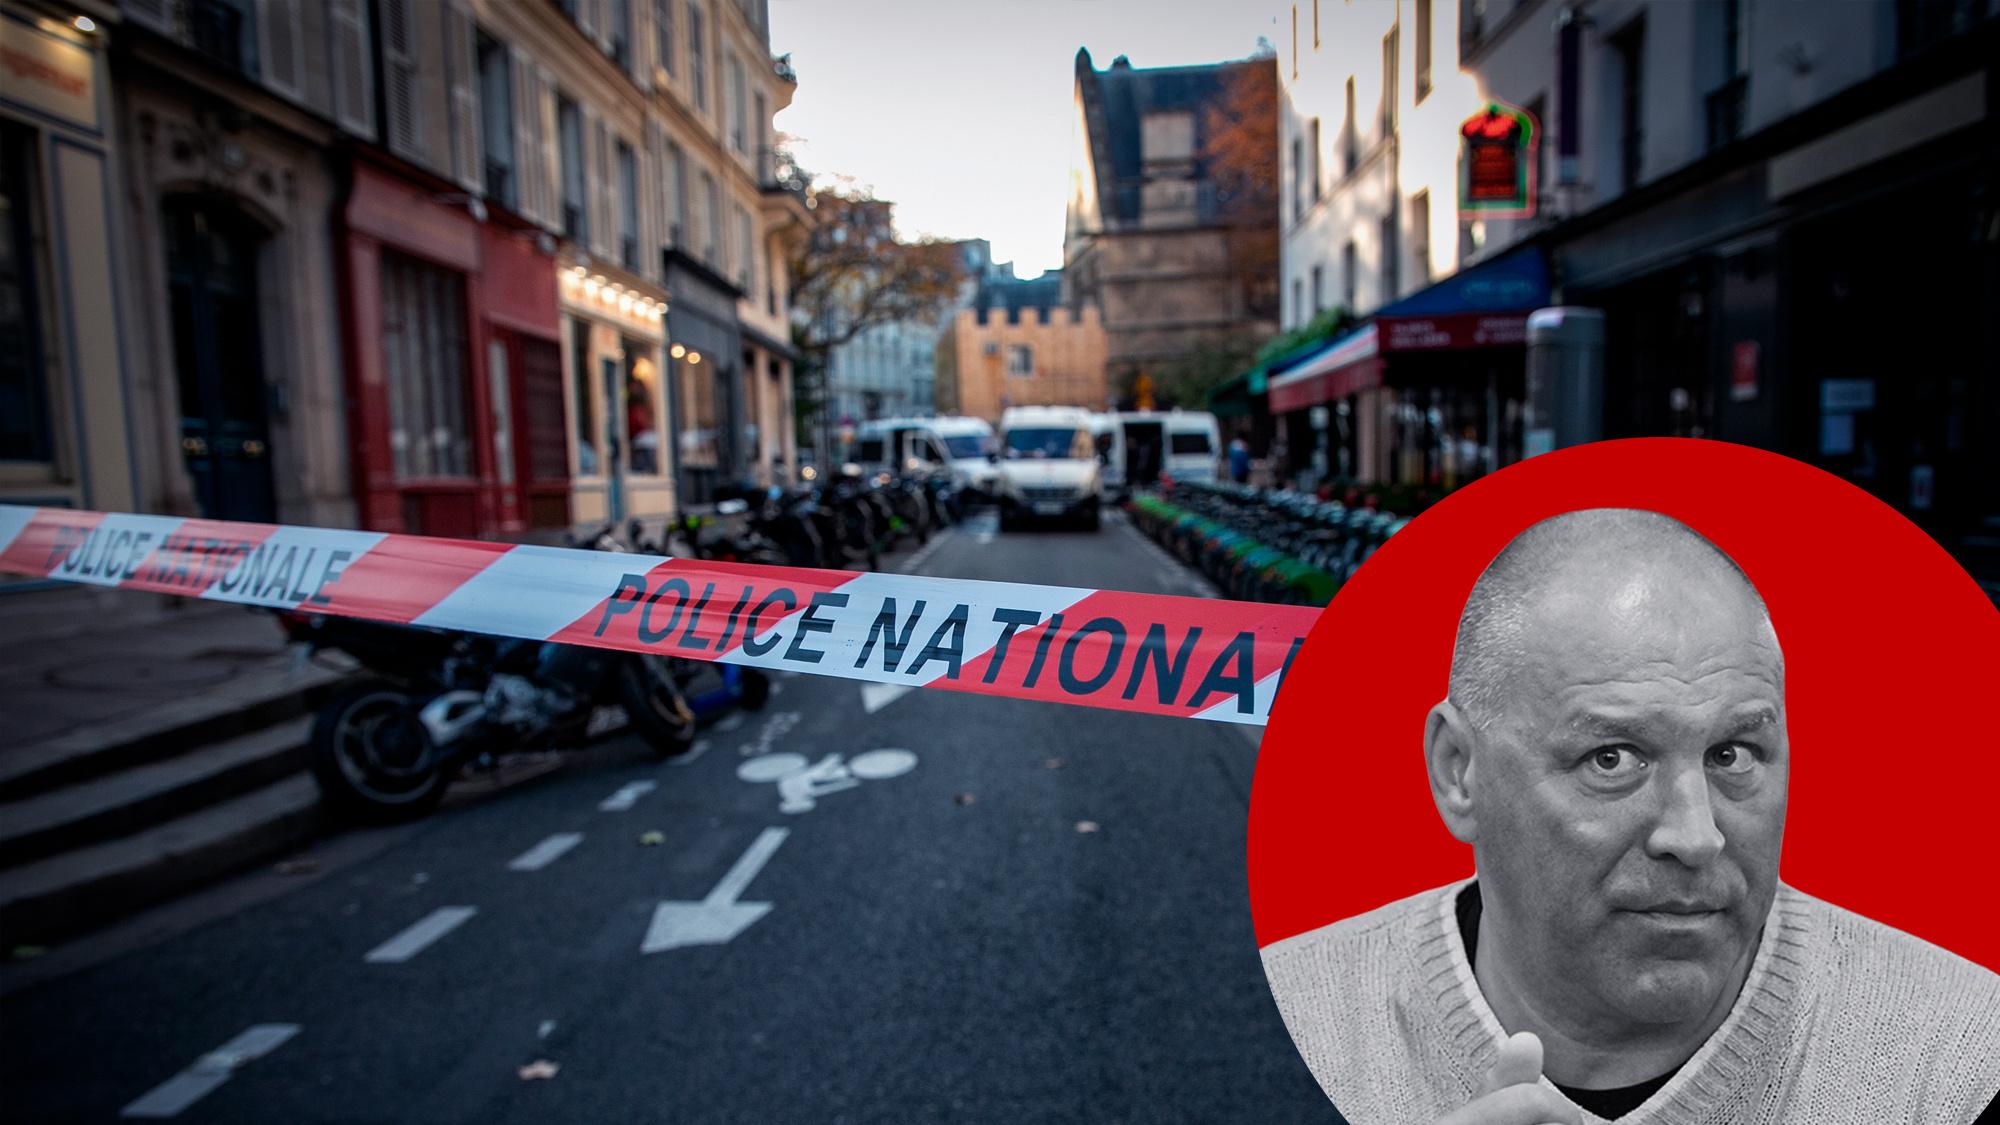 Джихад для французов? Почему в Париже продолжают отрезать головы и сможет ли правительство это остановить